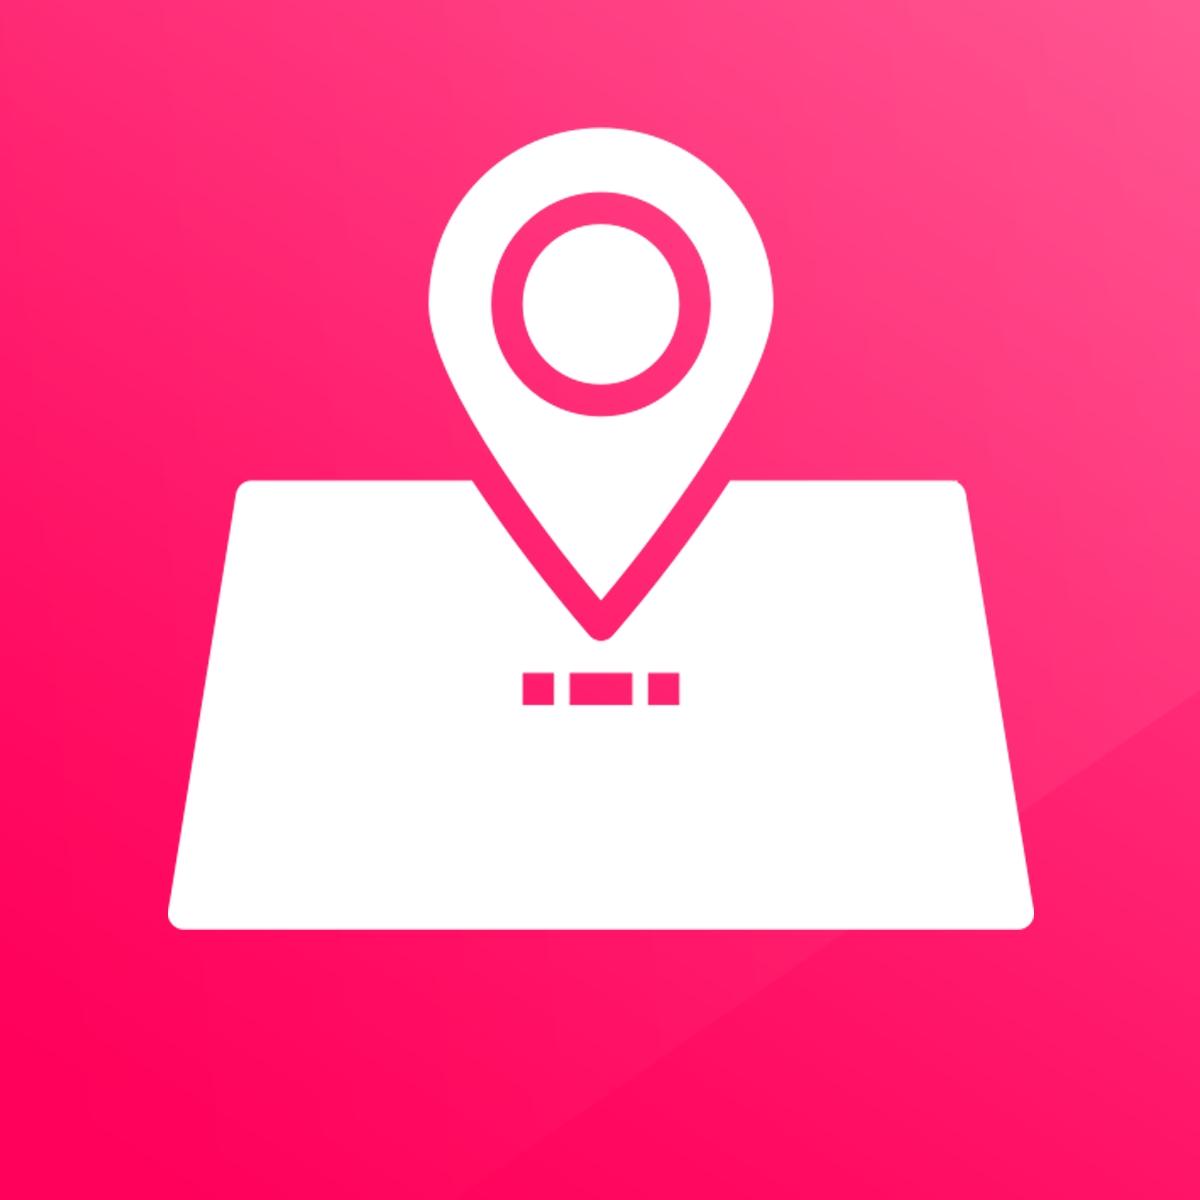 Shopify Address Validator app by Joboapps